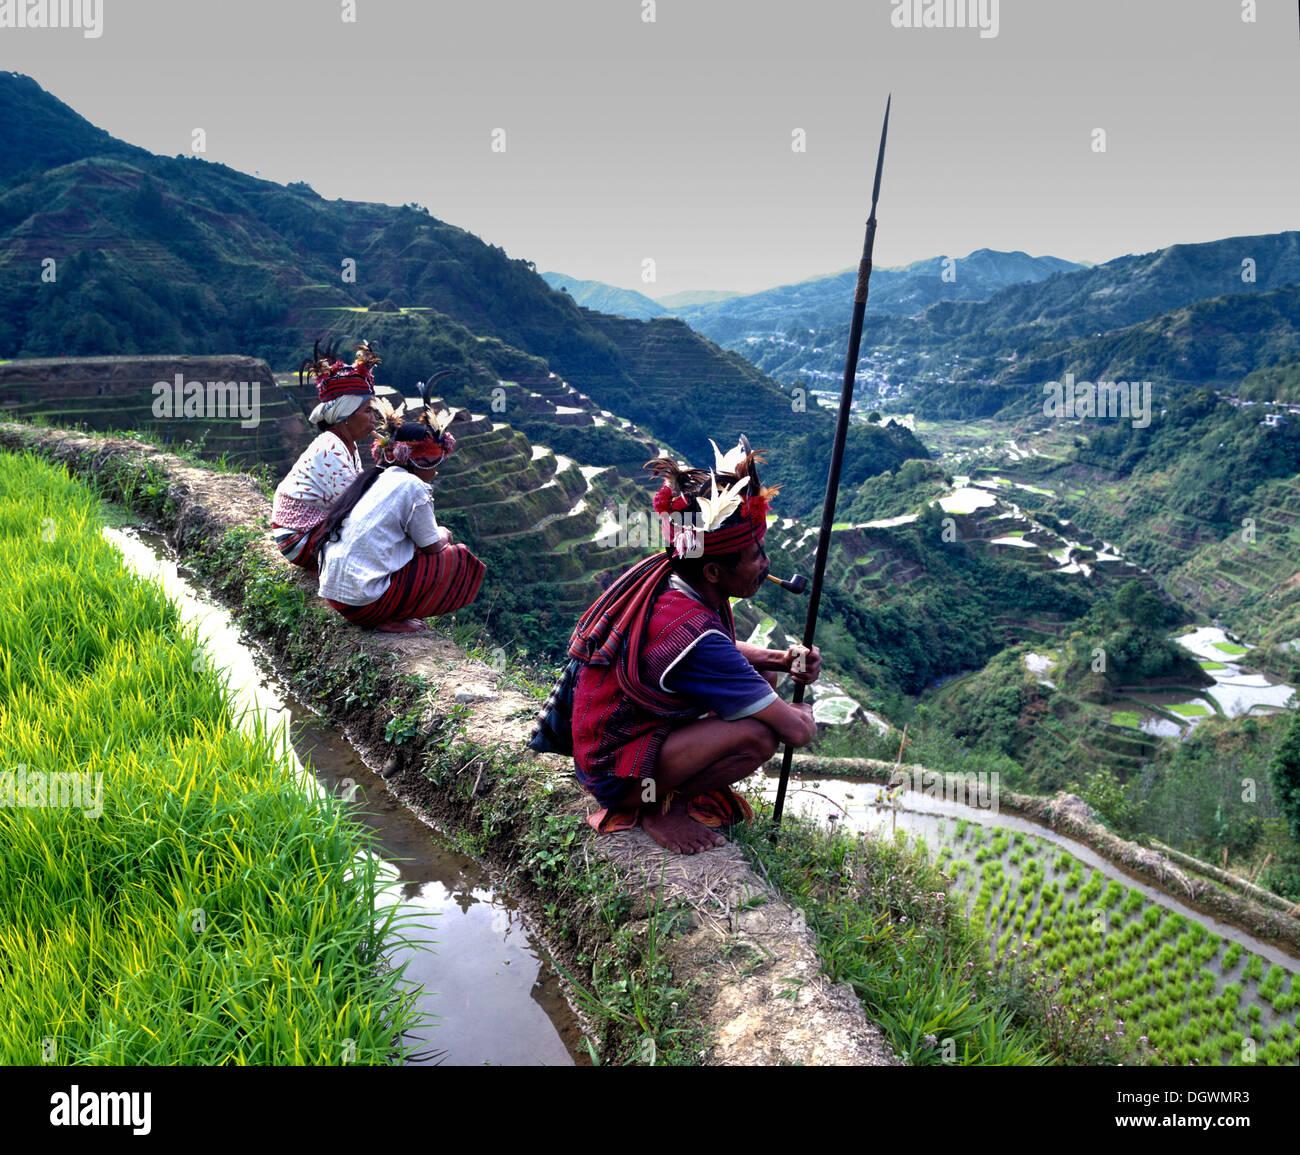 Ifugao persone, i membri di un gruppo etnico che indossano i costumi tradizionali, Banaue terrazze di riso, noto Immagini Stock